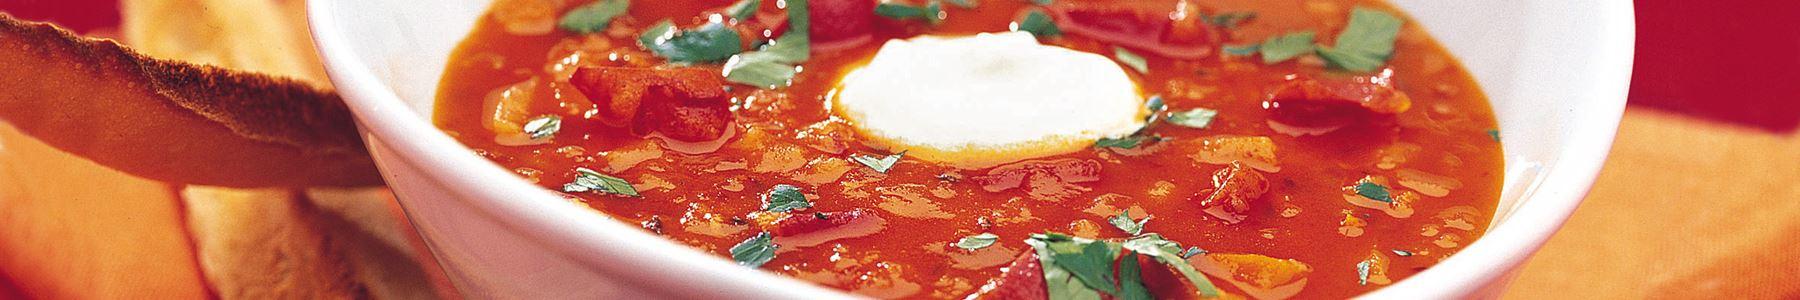 Grönsaker + Smör + Chili